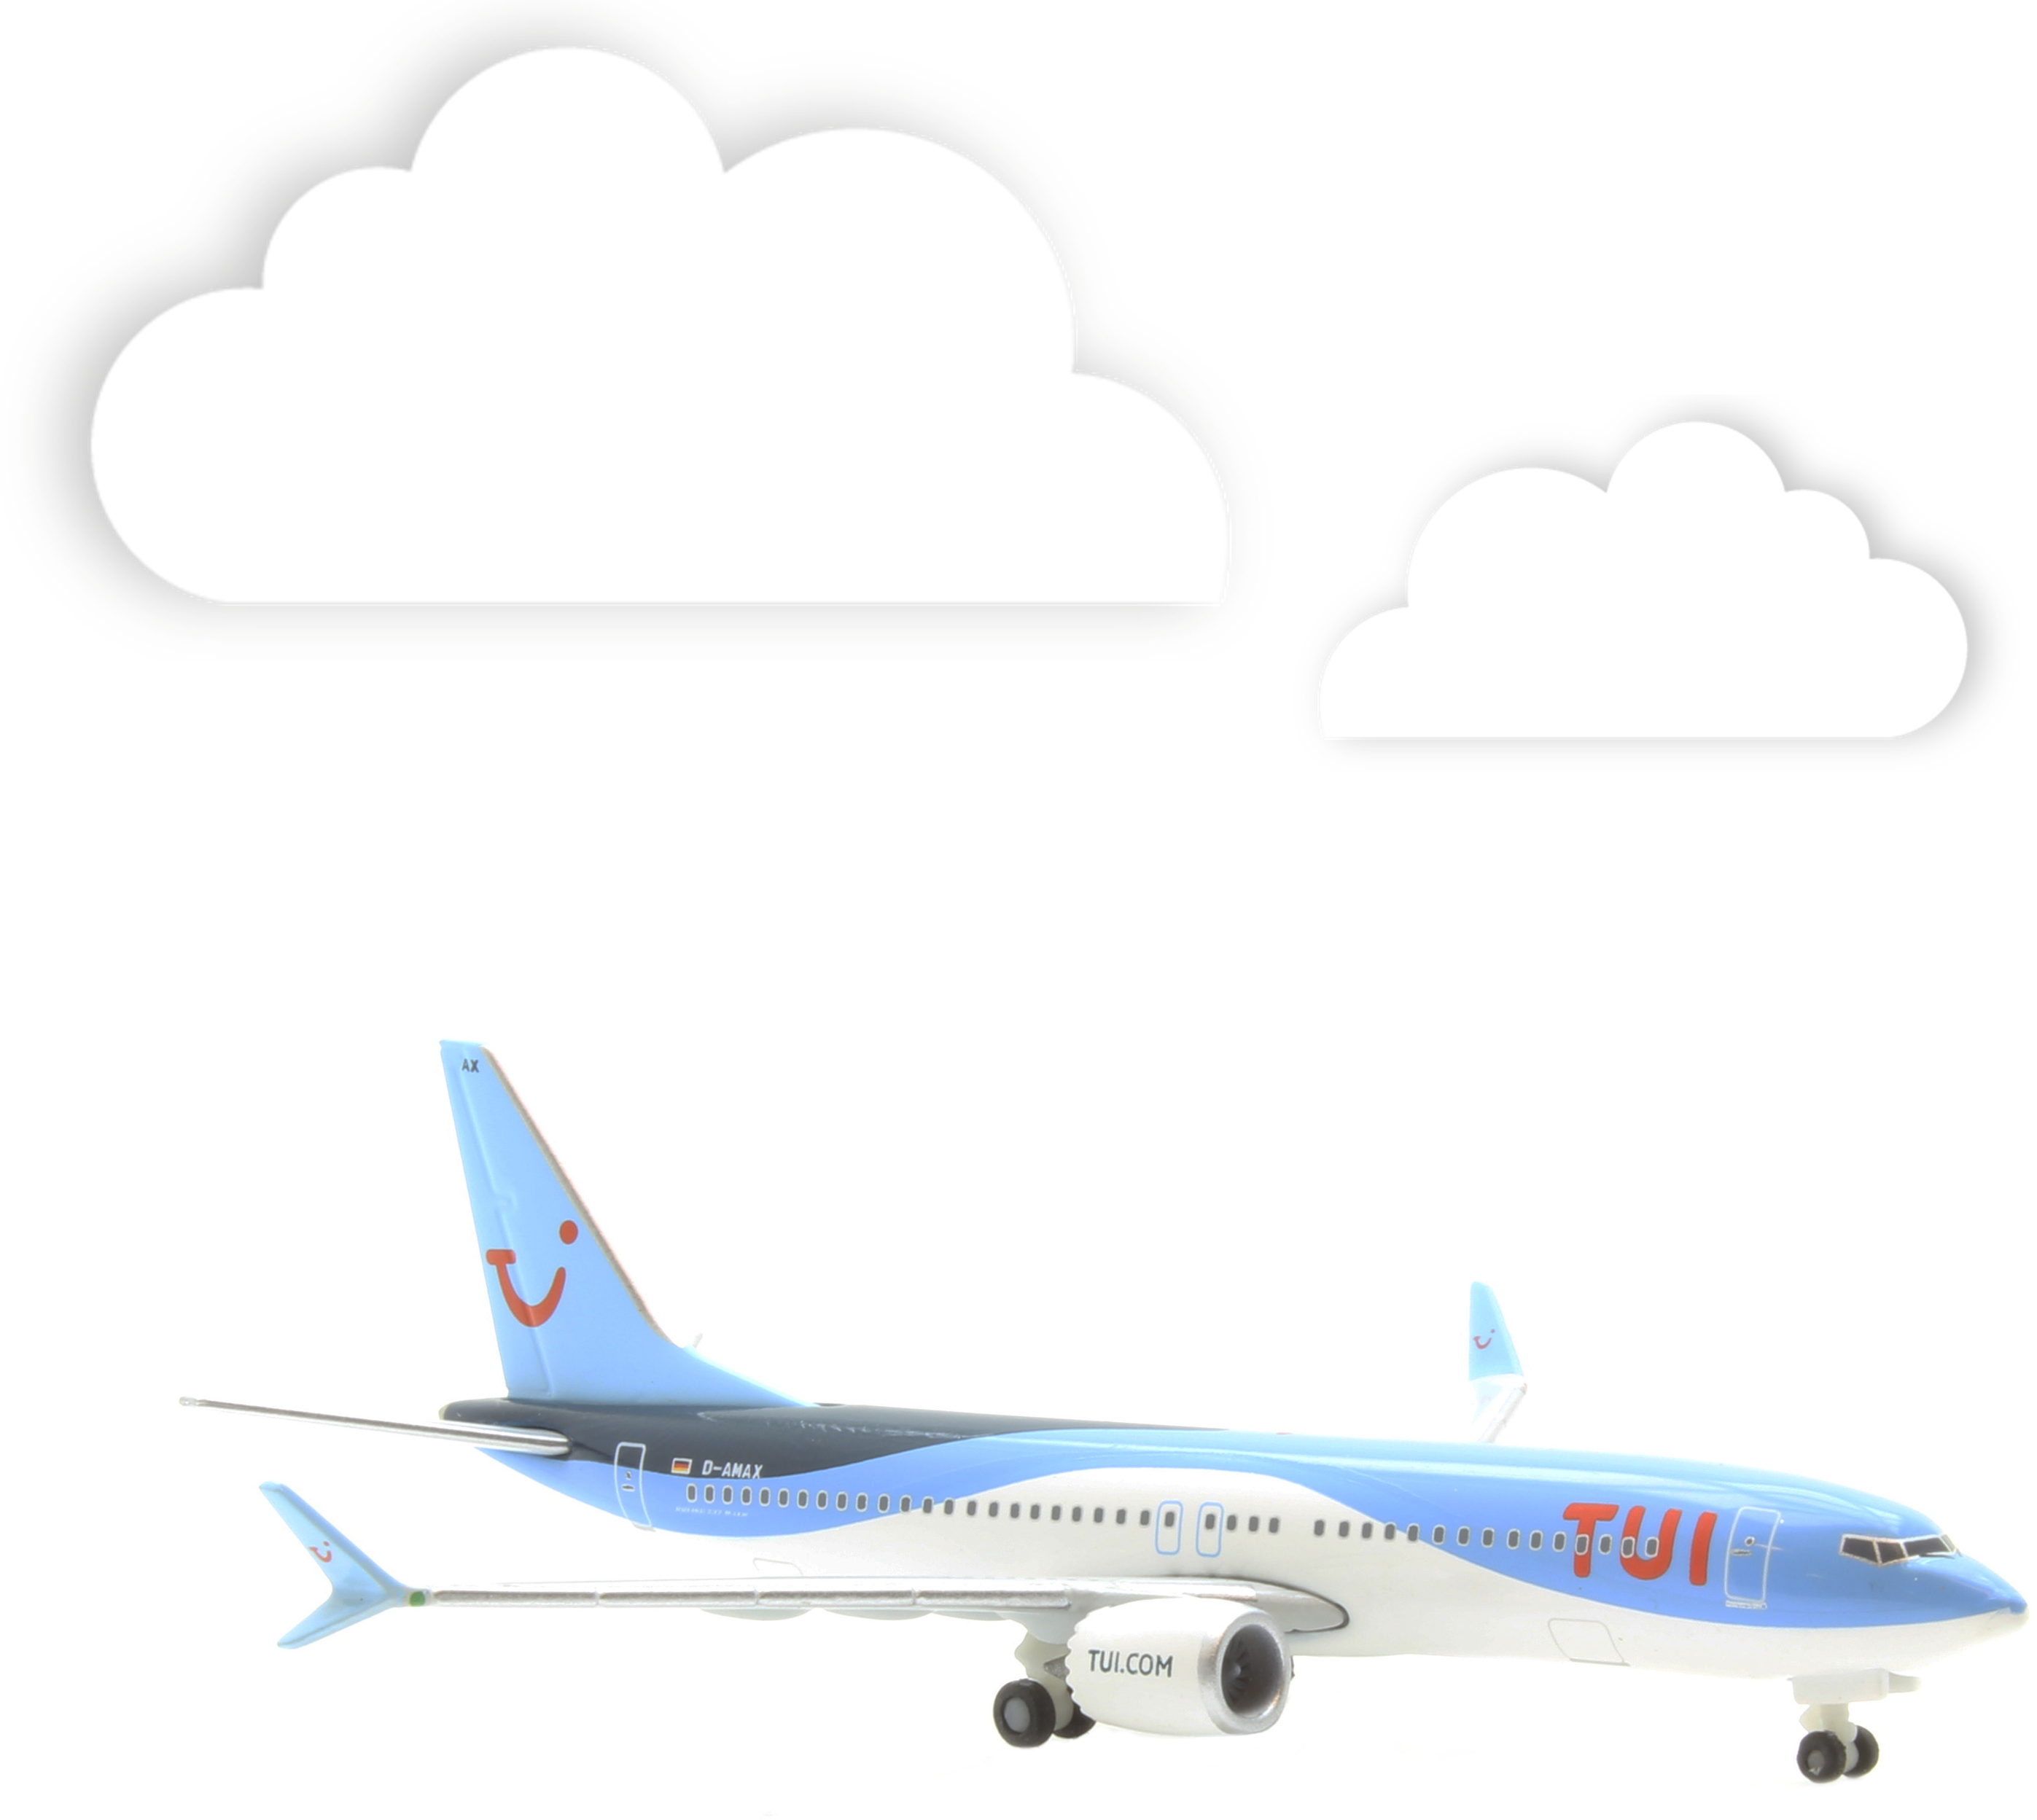 TUI Fly_737-8MAX_00002